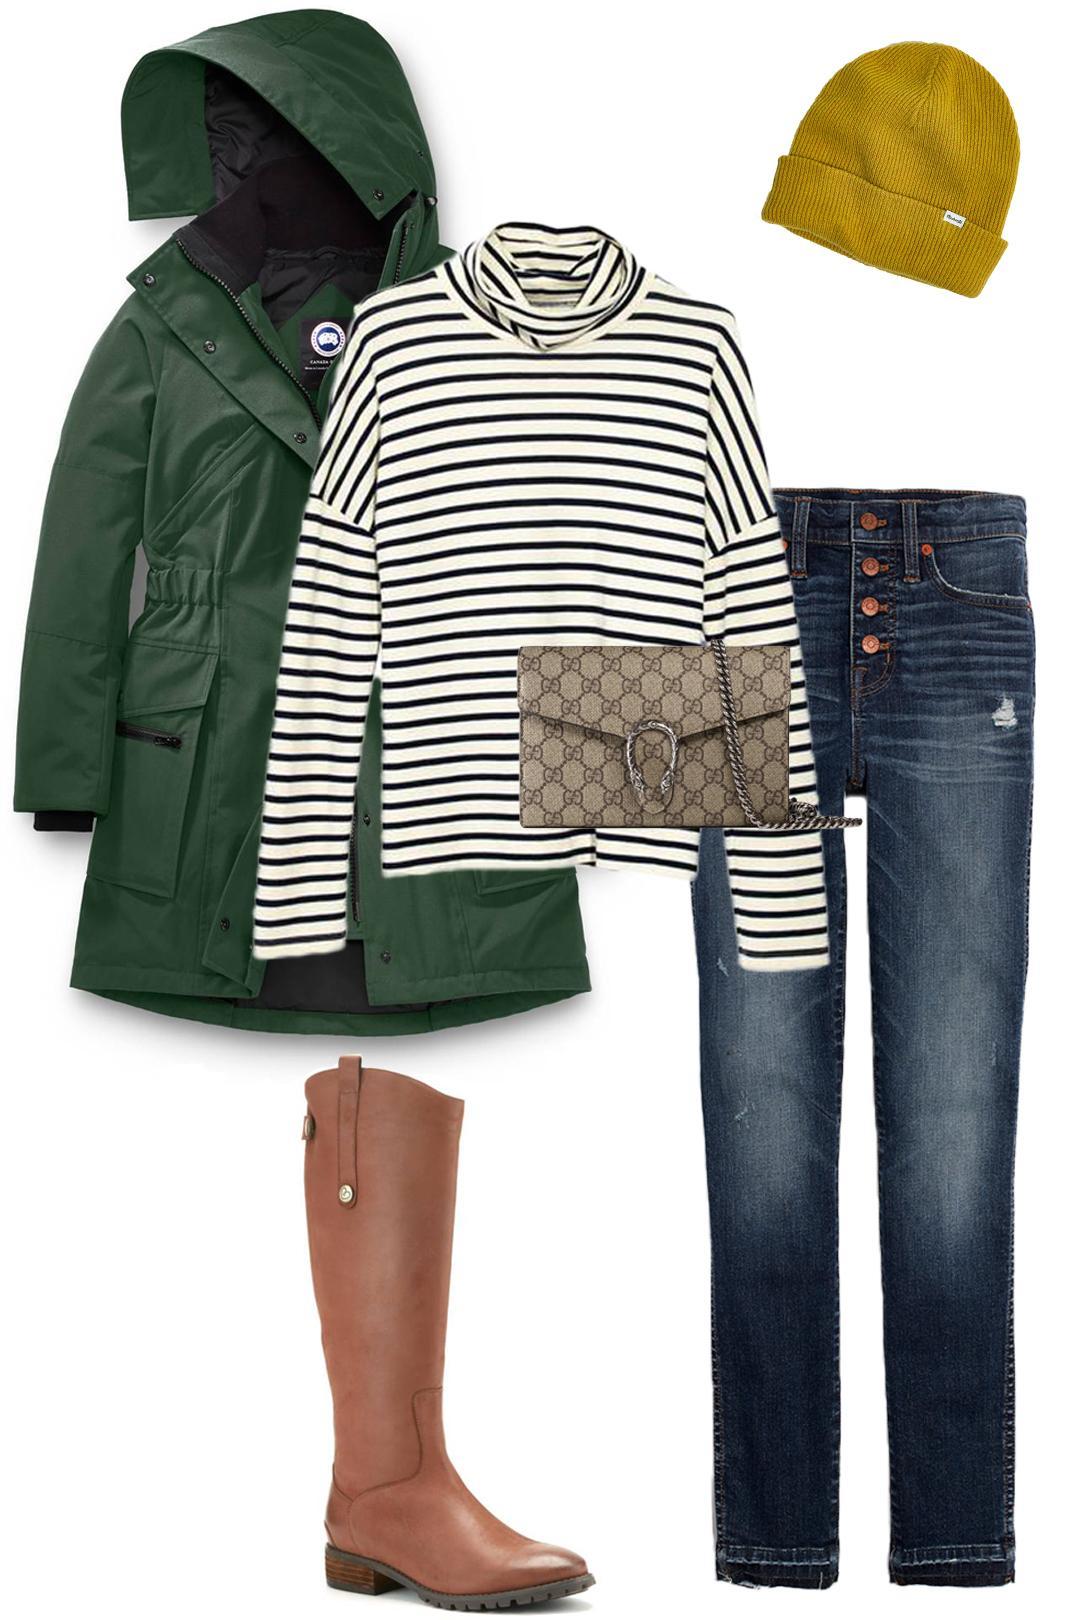 winter style essentials